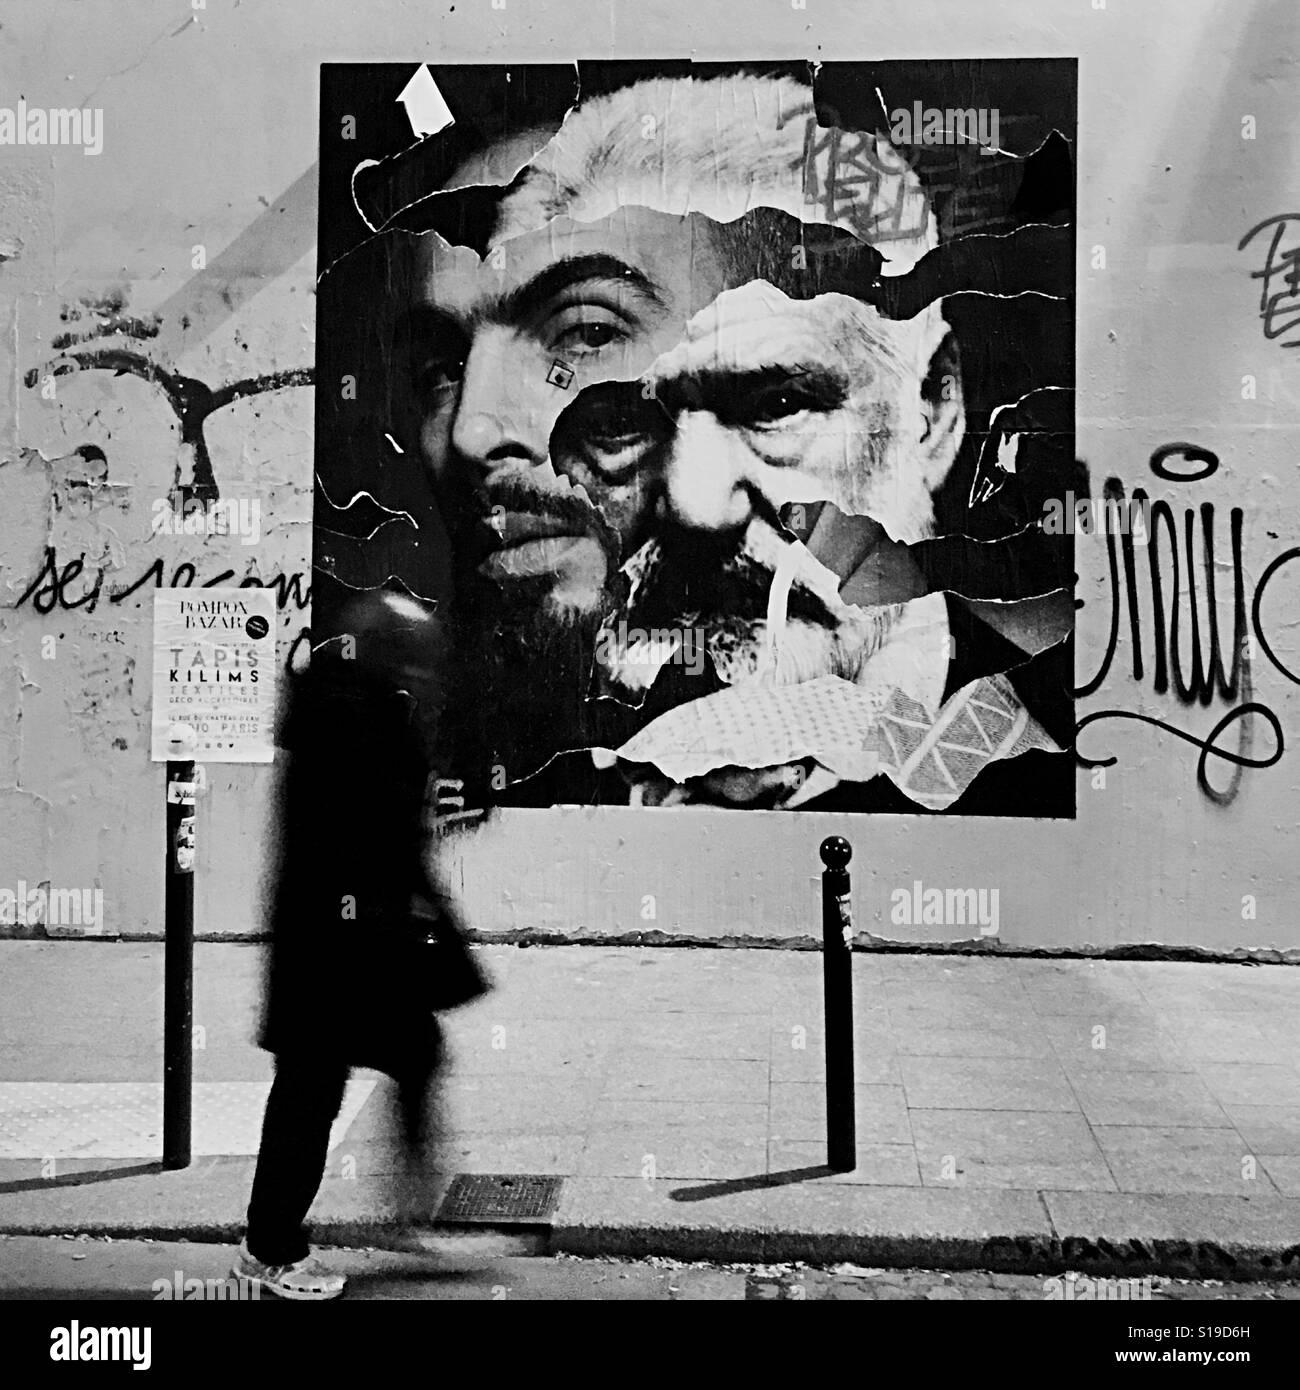 Graffiti Collage In The 10th Arrondissement Of Paris